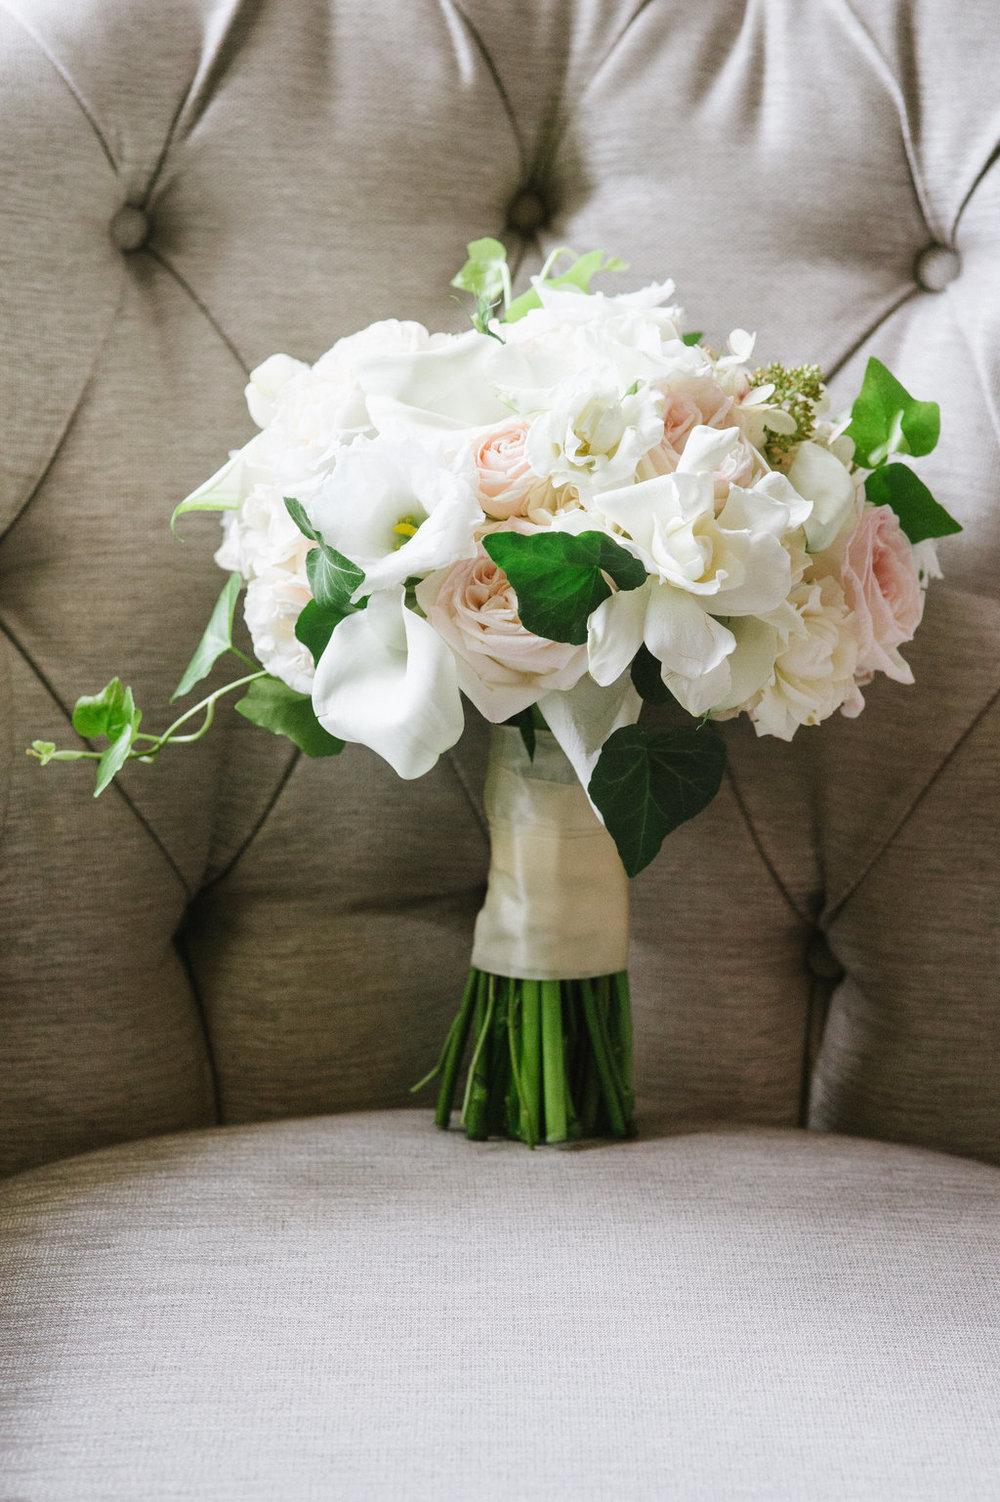 boston public library wedding bouquet les fleurs andover